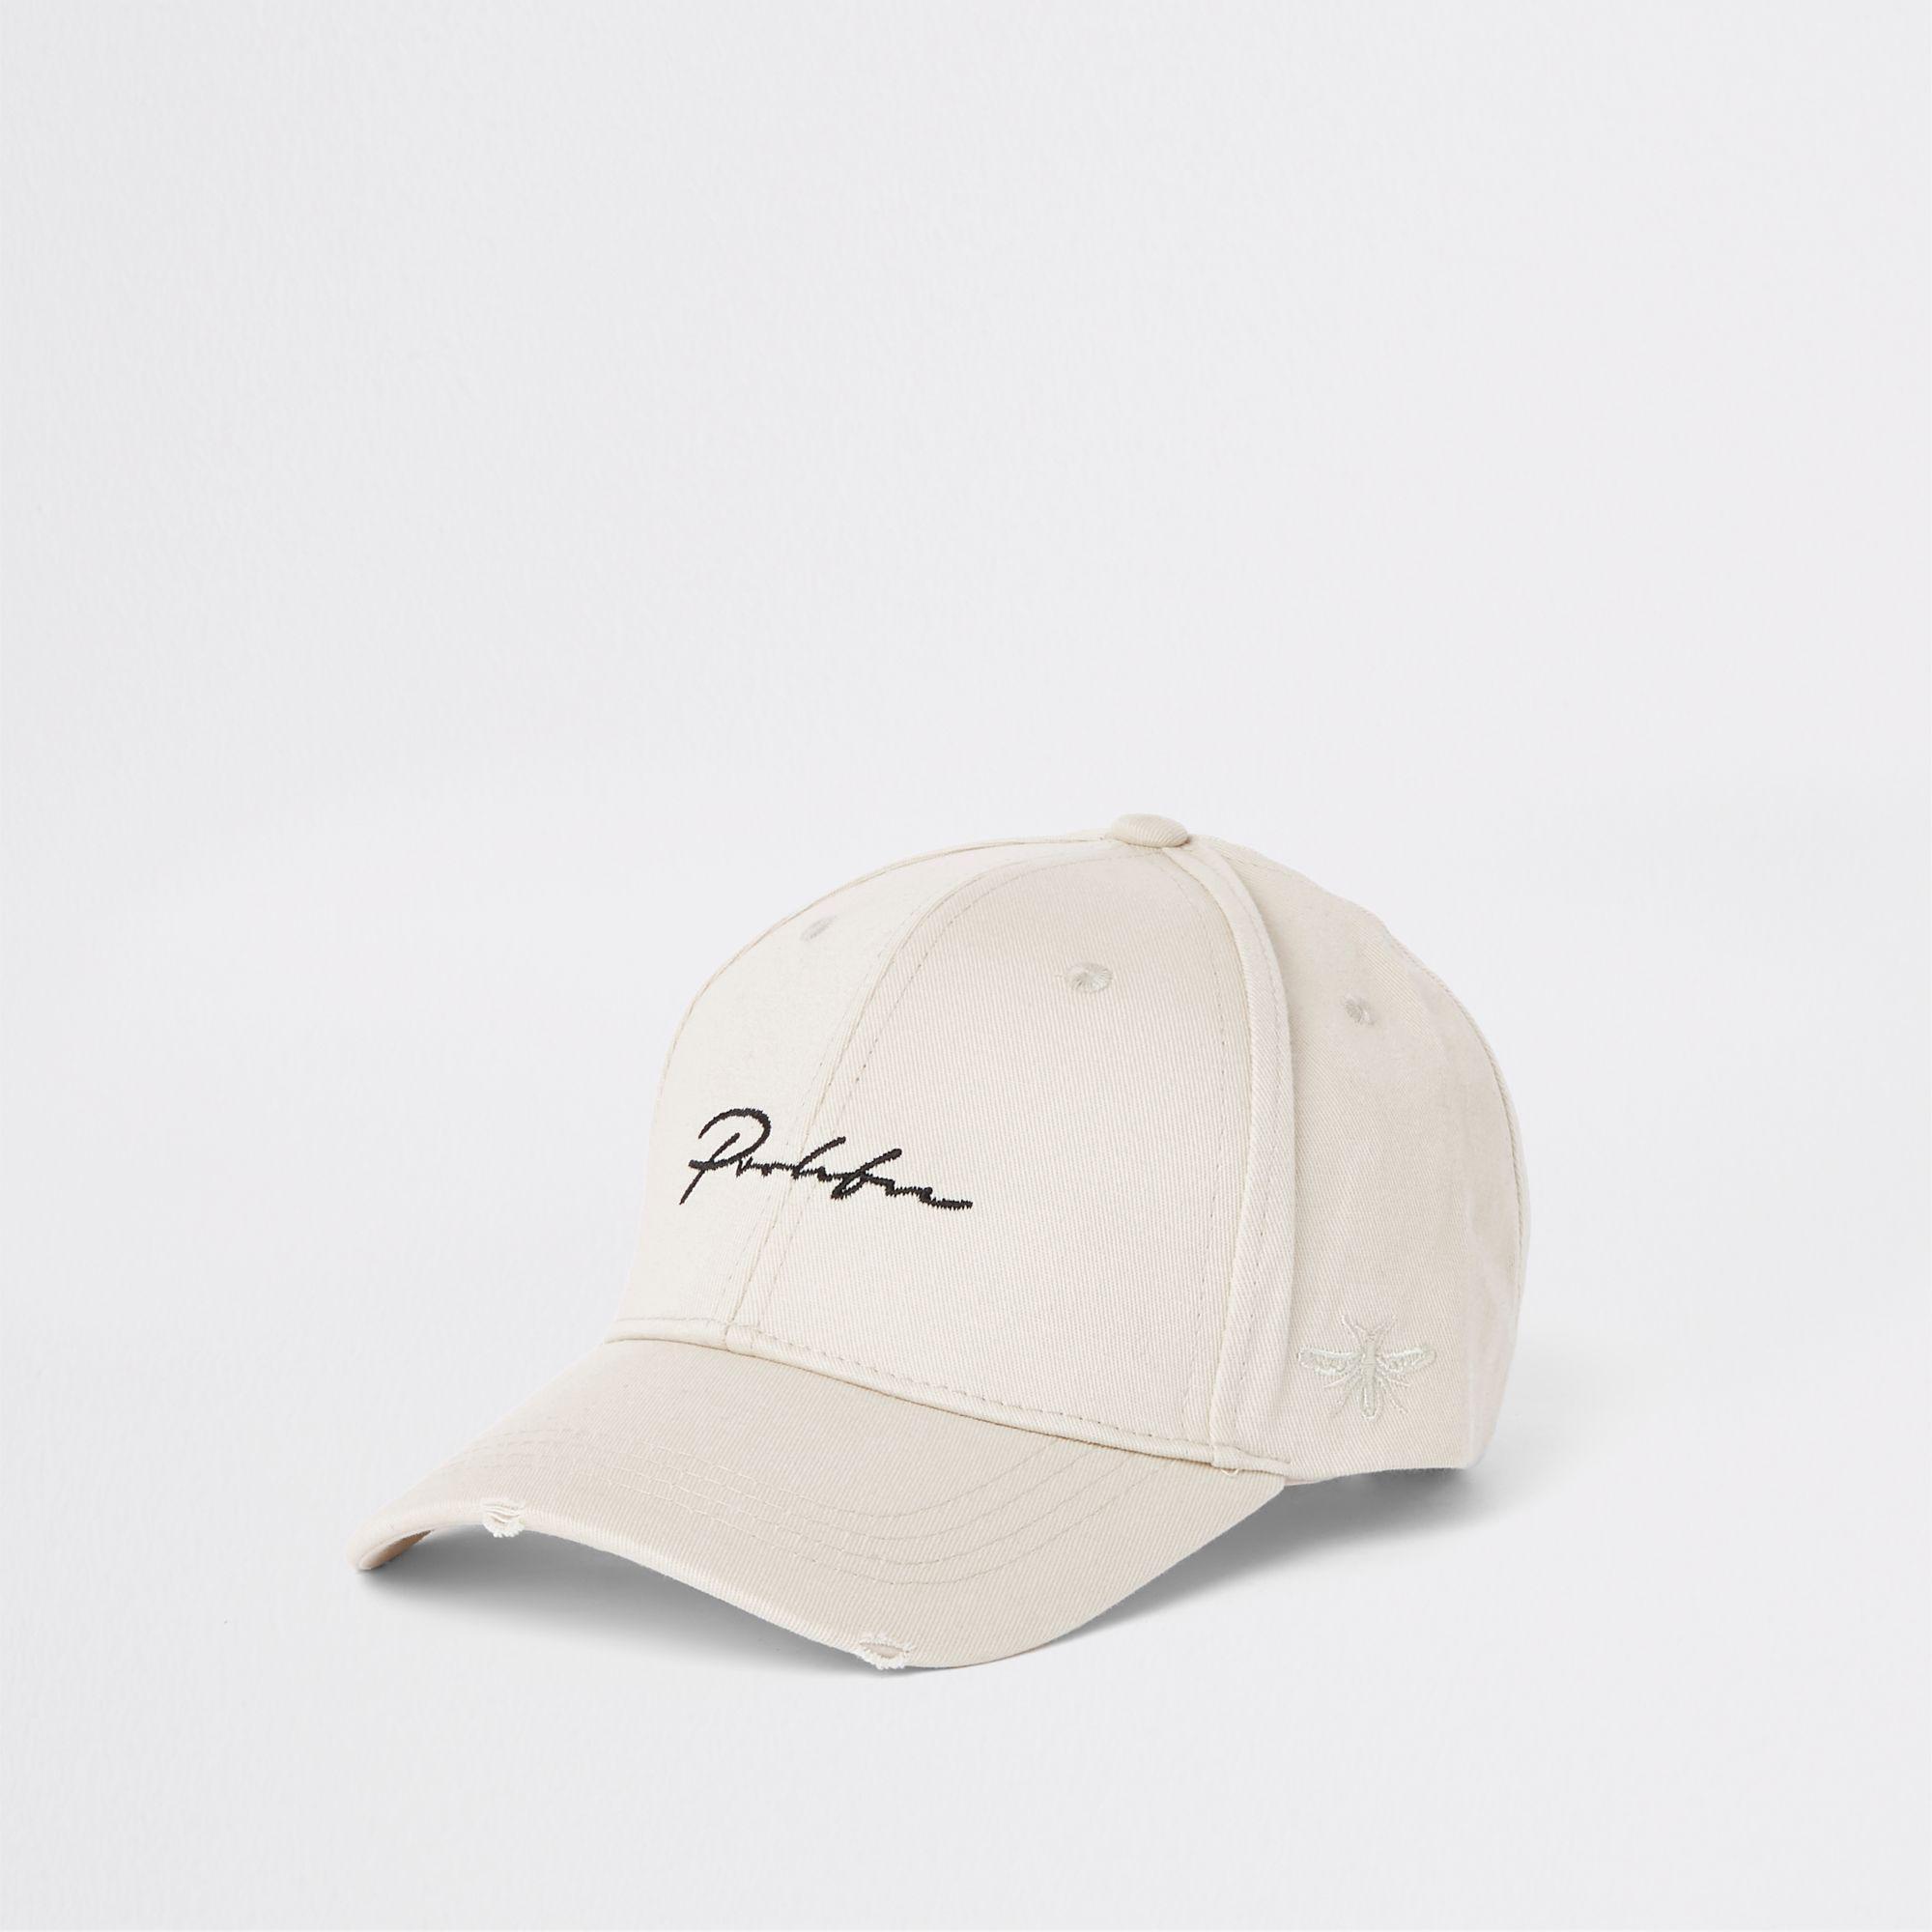 ffc3a066a8e Lyst - River Island Ecru  prolific  Wasp Embroidery Baseball Cap for Men